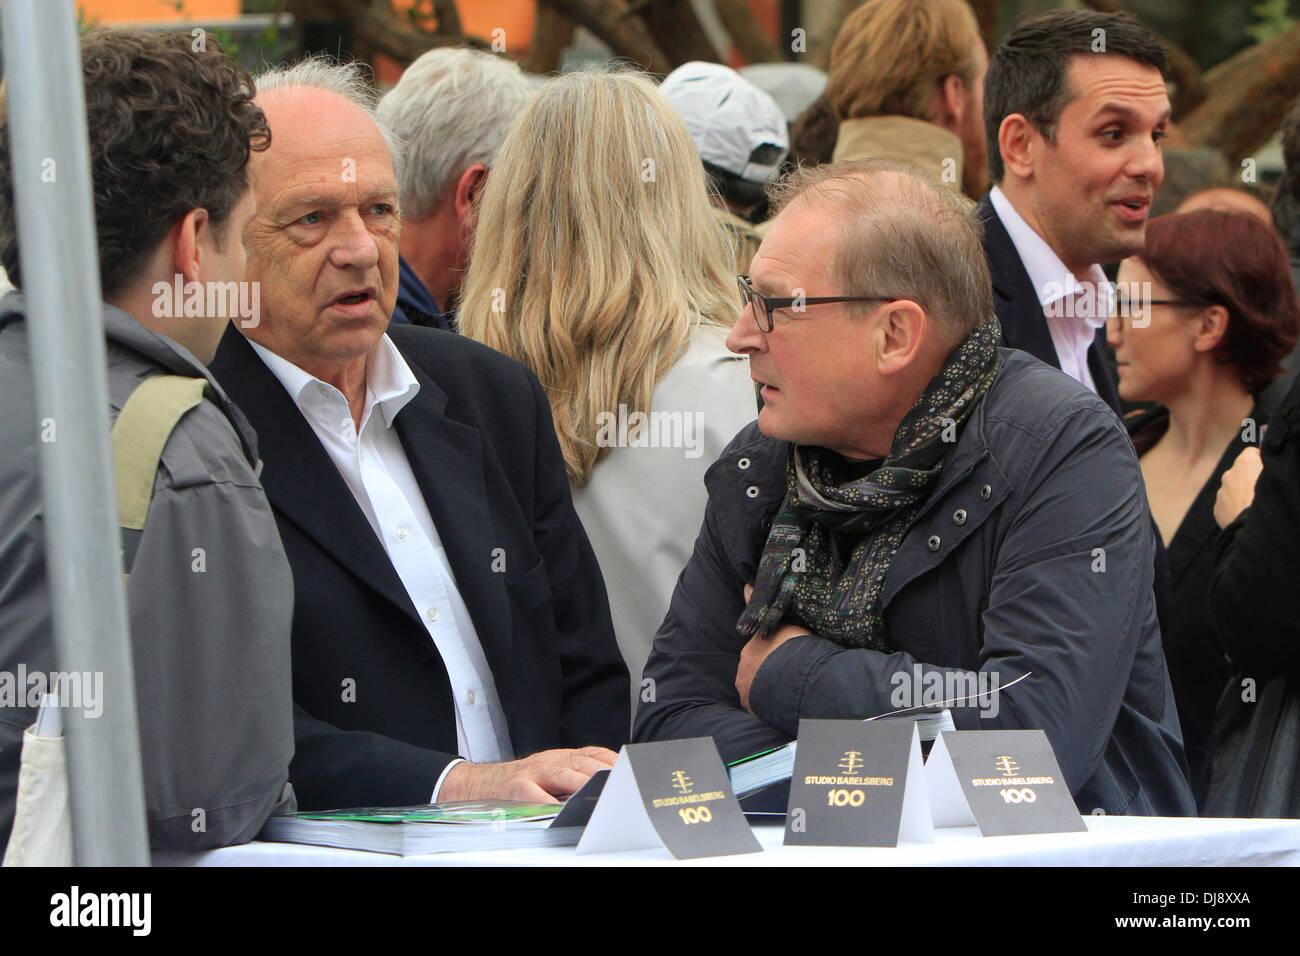 """Burghart Klaußner in der deutschen """"Get Together"""" im Le Grand Hotel während der 65. Filmfestspiele von Cannes. Cannes, Frankreich - 21.05.2012 Stockbild"""